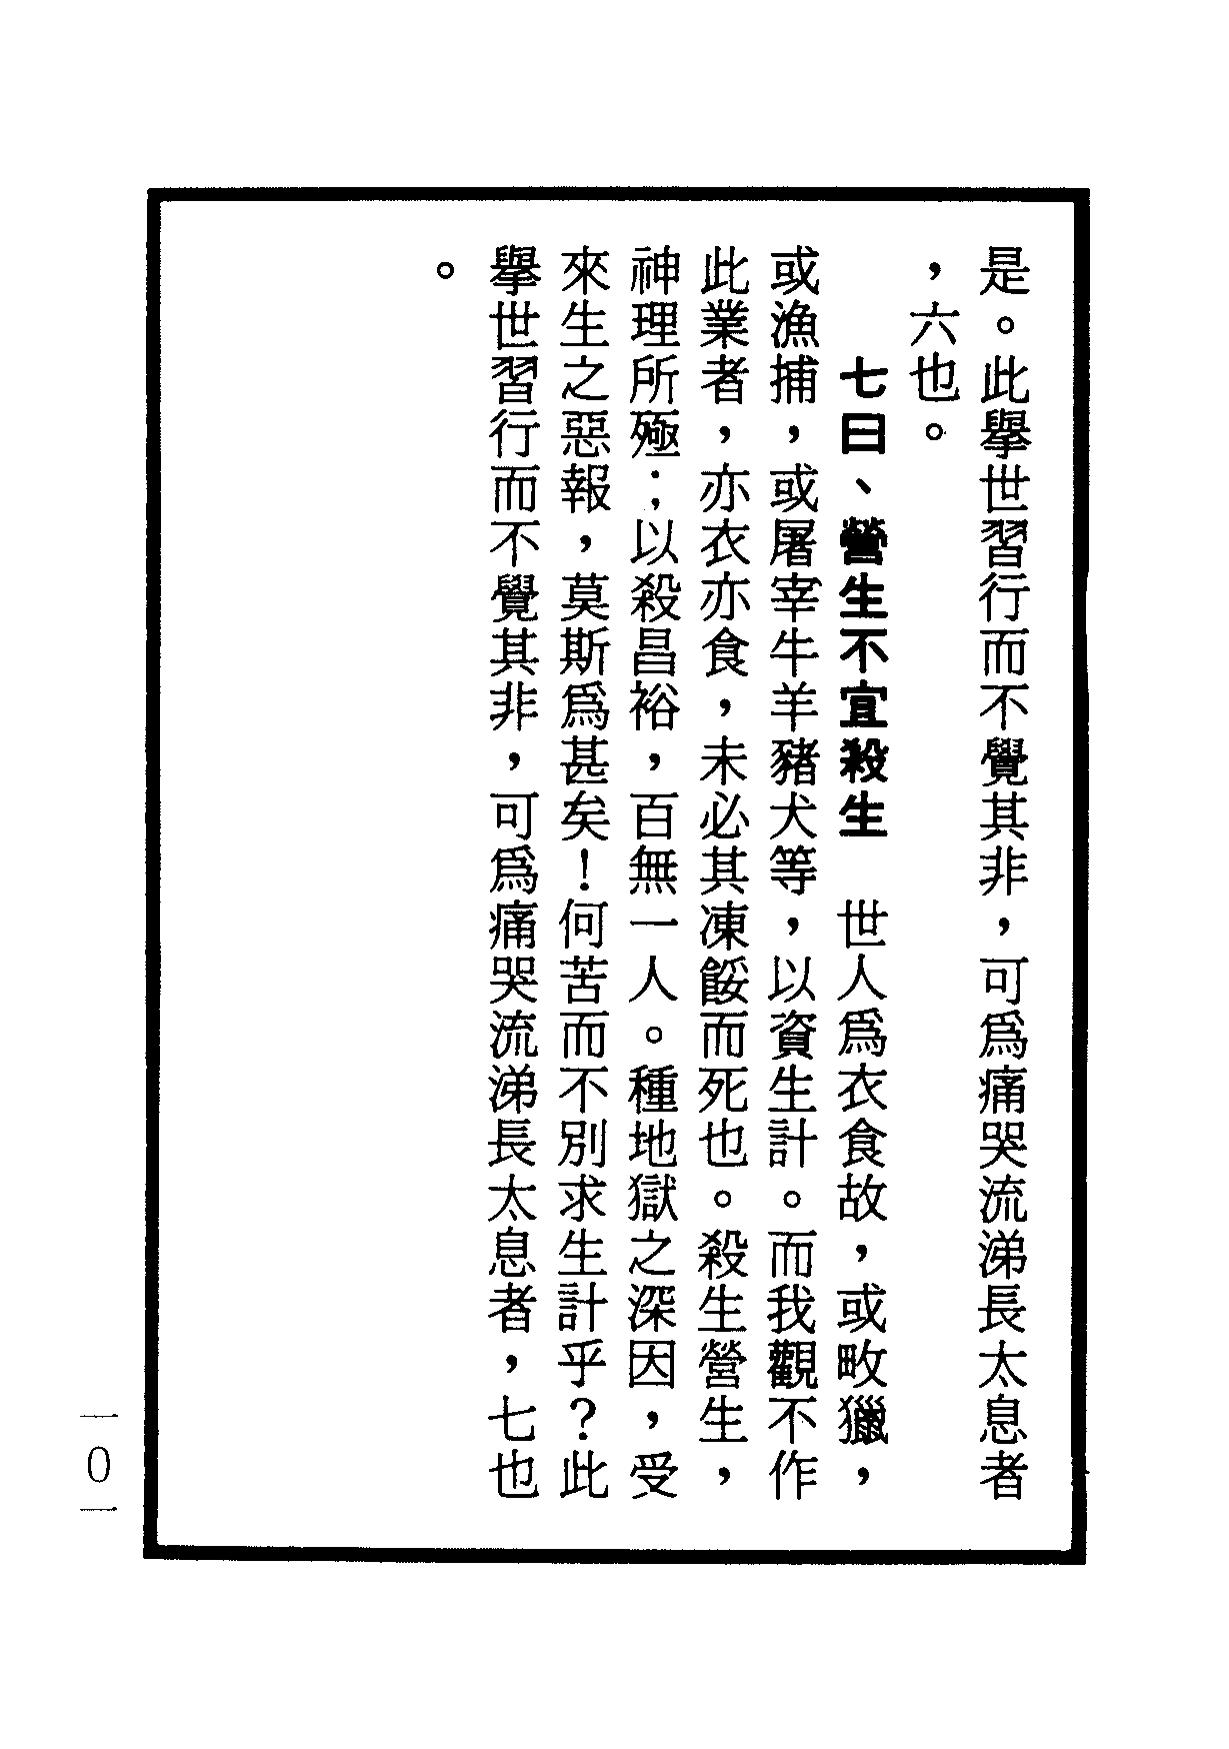 楞嚴咒-大悲咒-十小咒-易背本 107.png